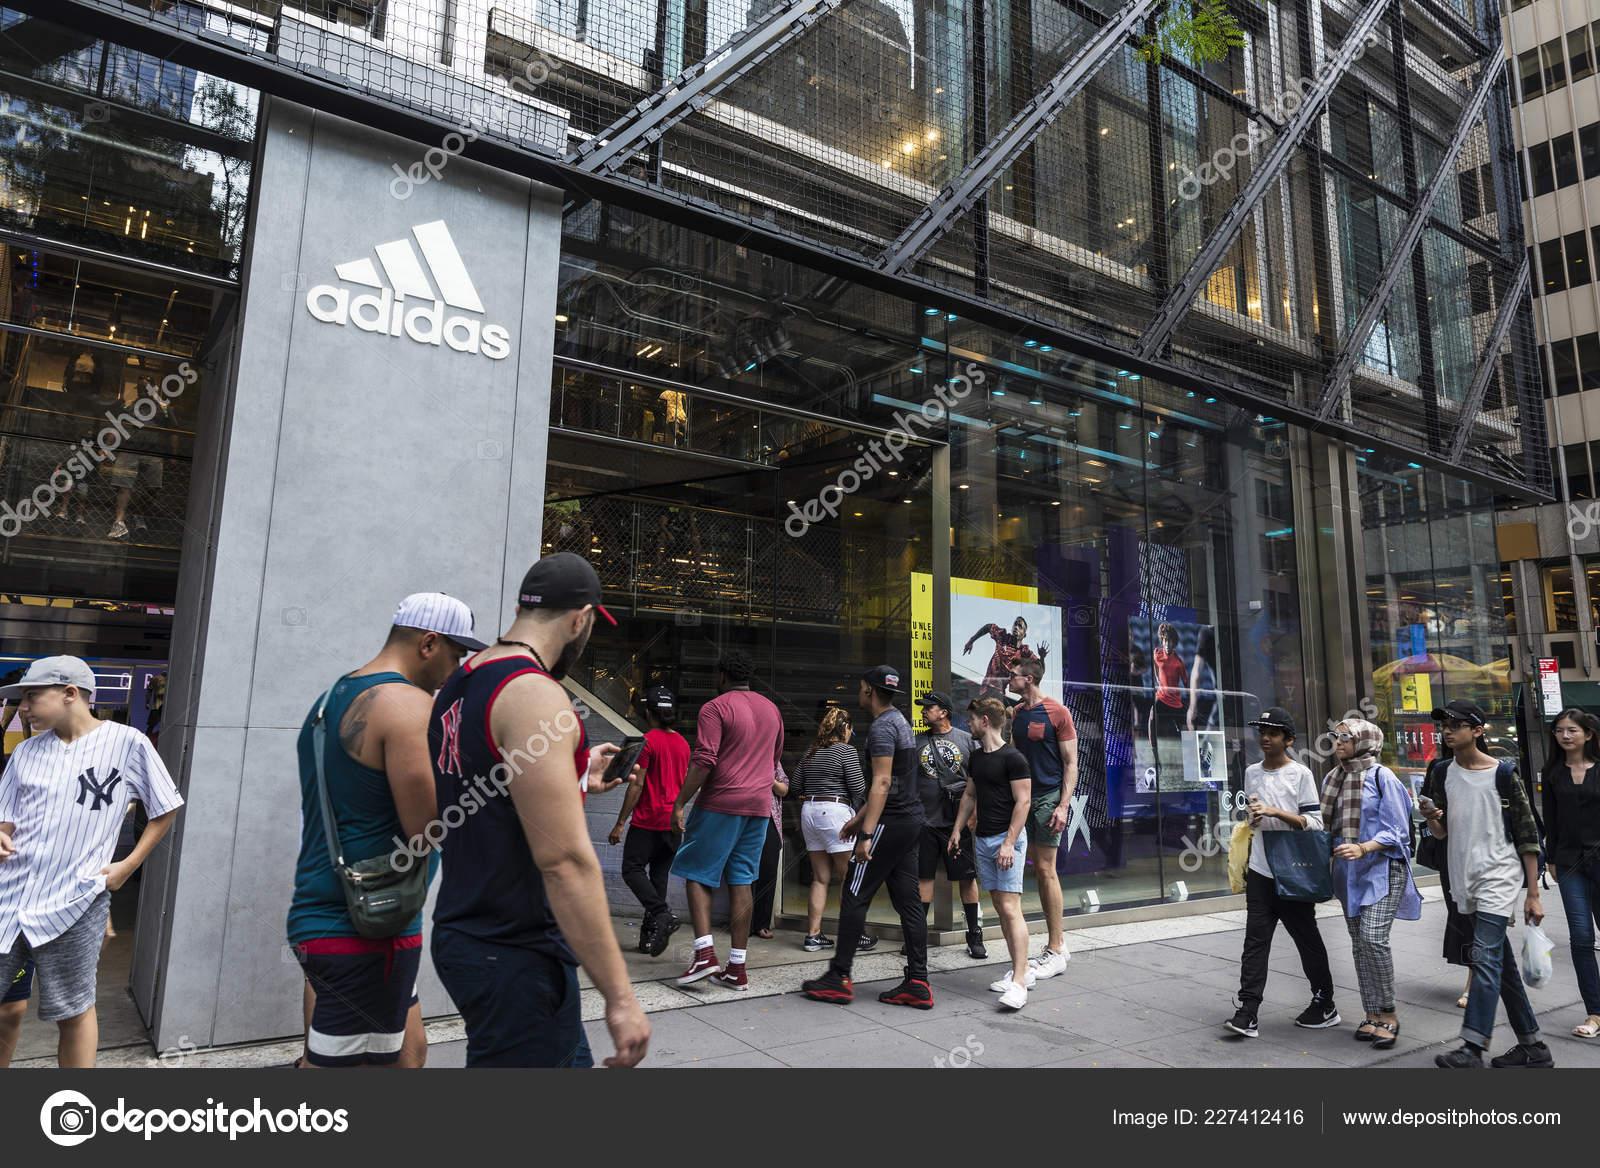 Ciudad Nueva York Estados Unidos Julio 2018 Adidas Artículos Deporte ... a7e389088ffed